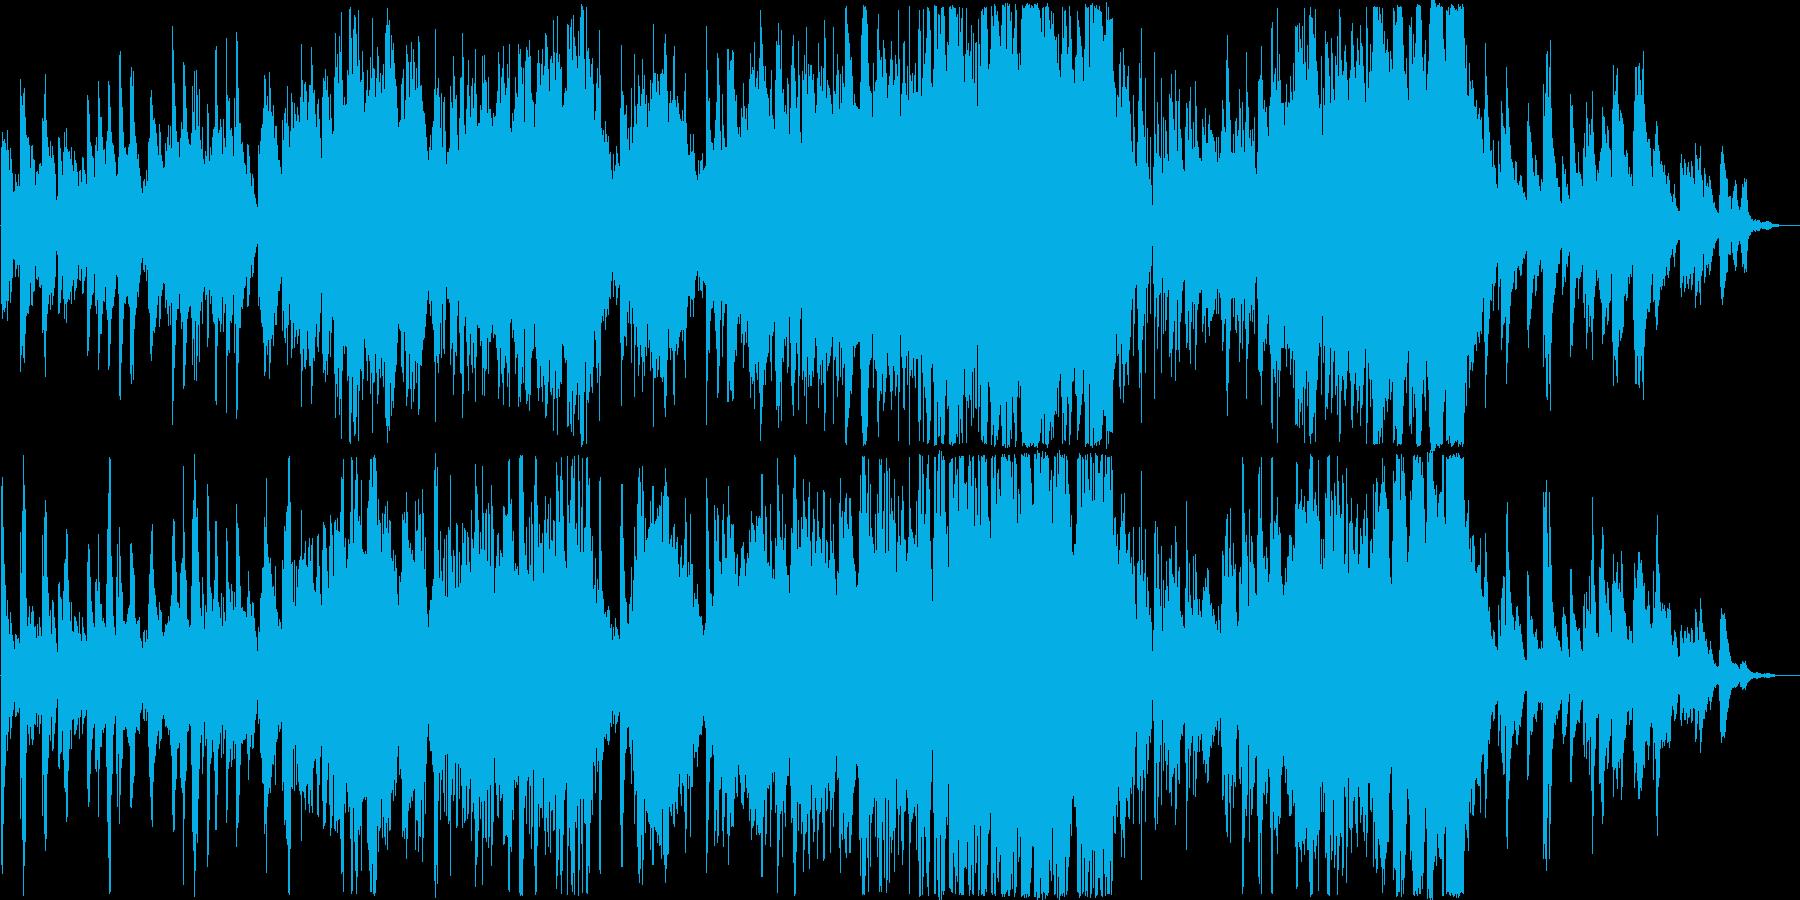 午後のまったりした時にかけるやさしい音楽の再生済みの波形